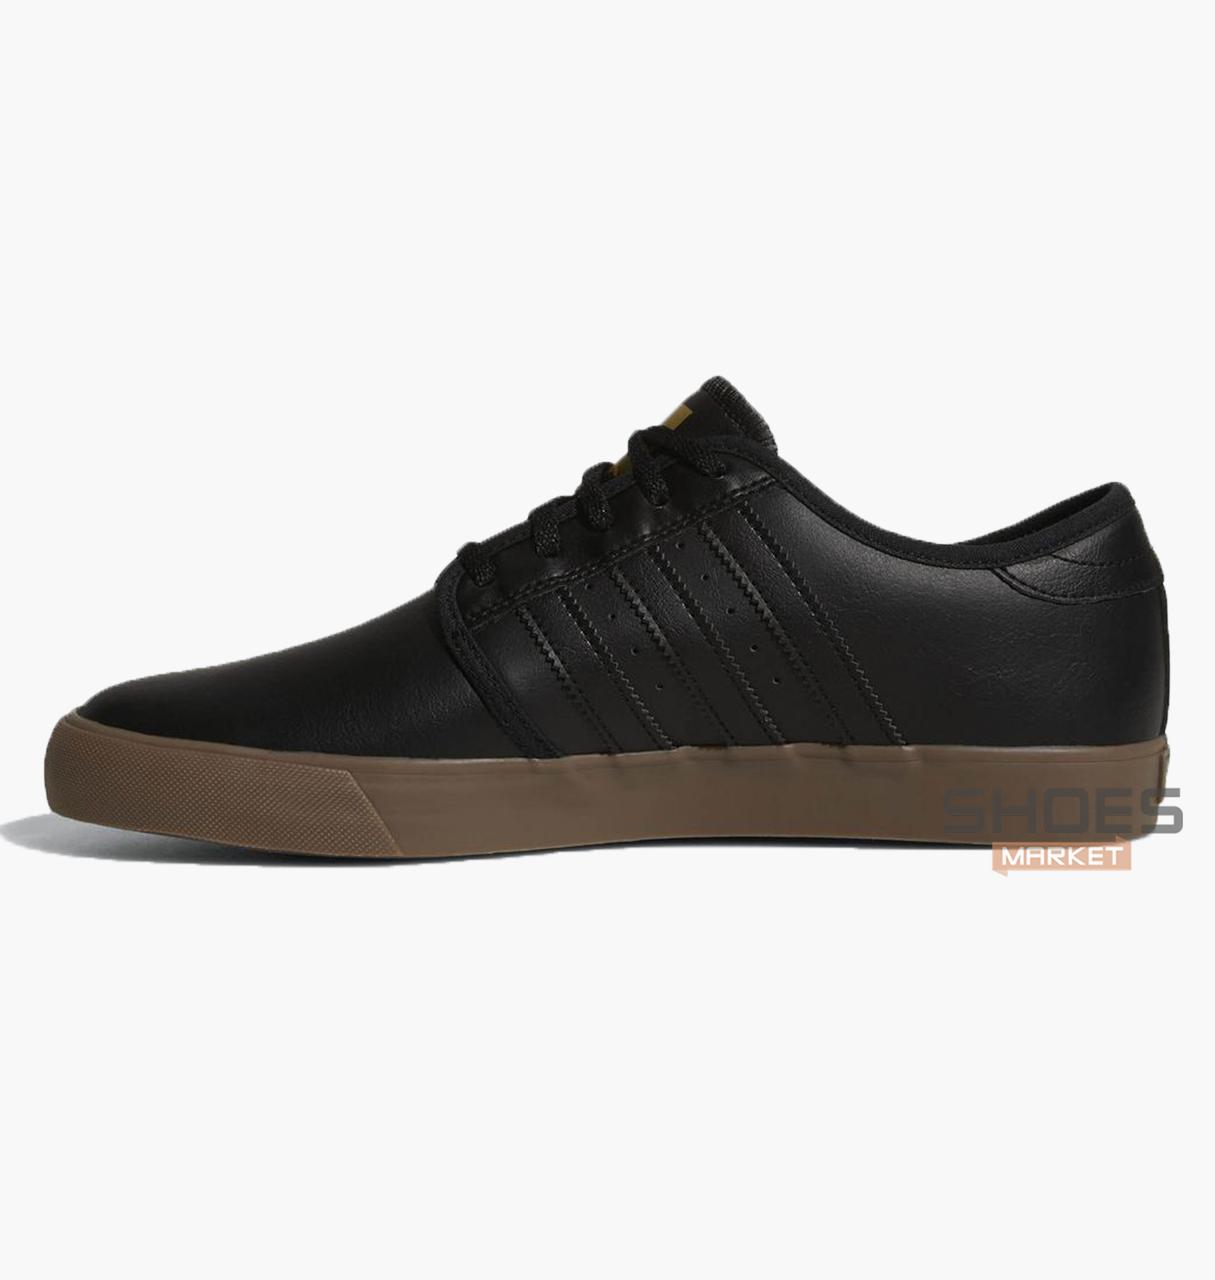 Мужские кроссовки  Adidas Seeley Black CQ1180, оригинал